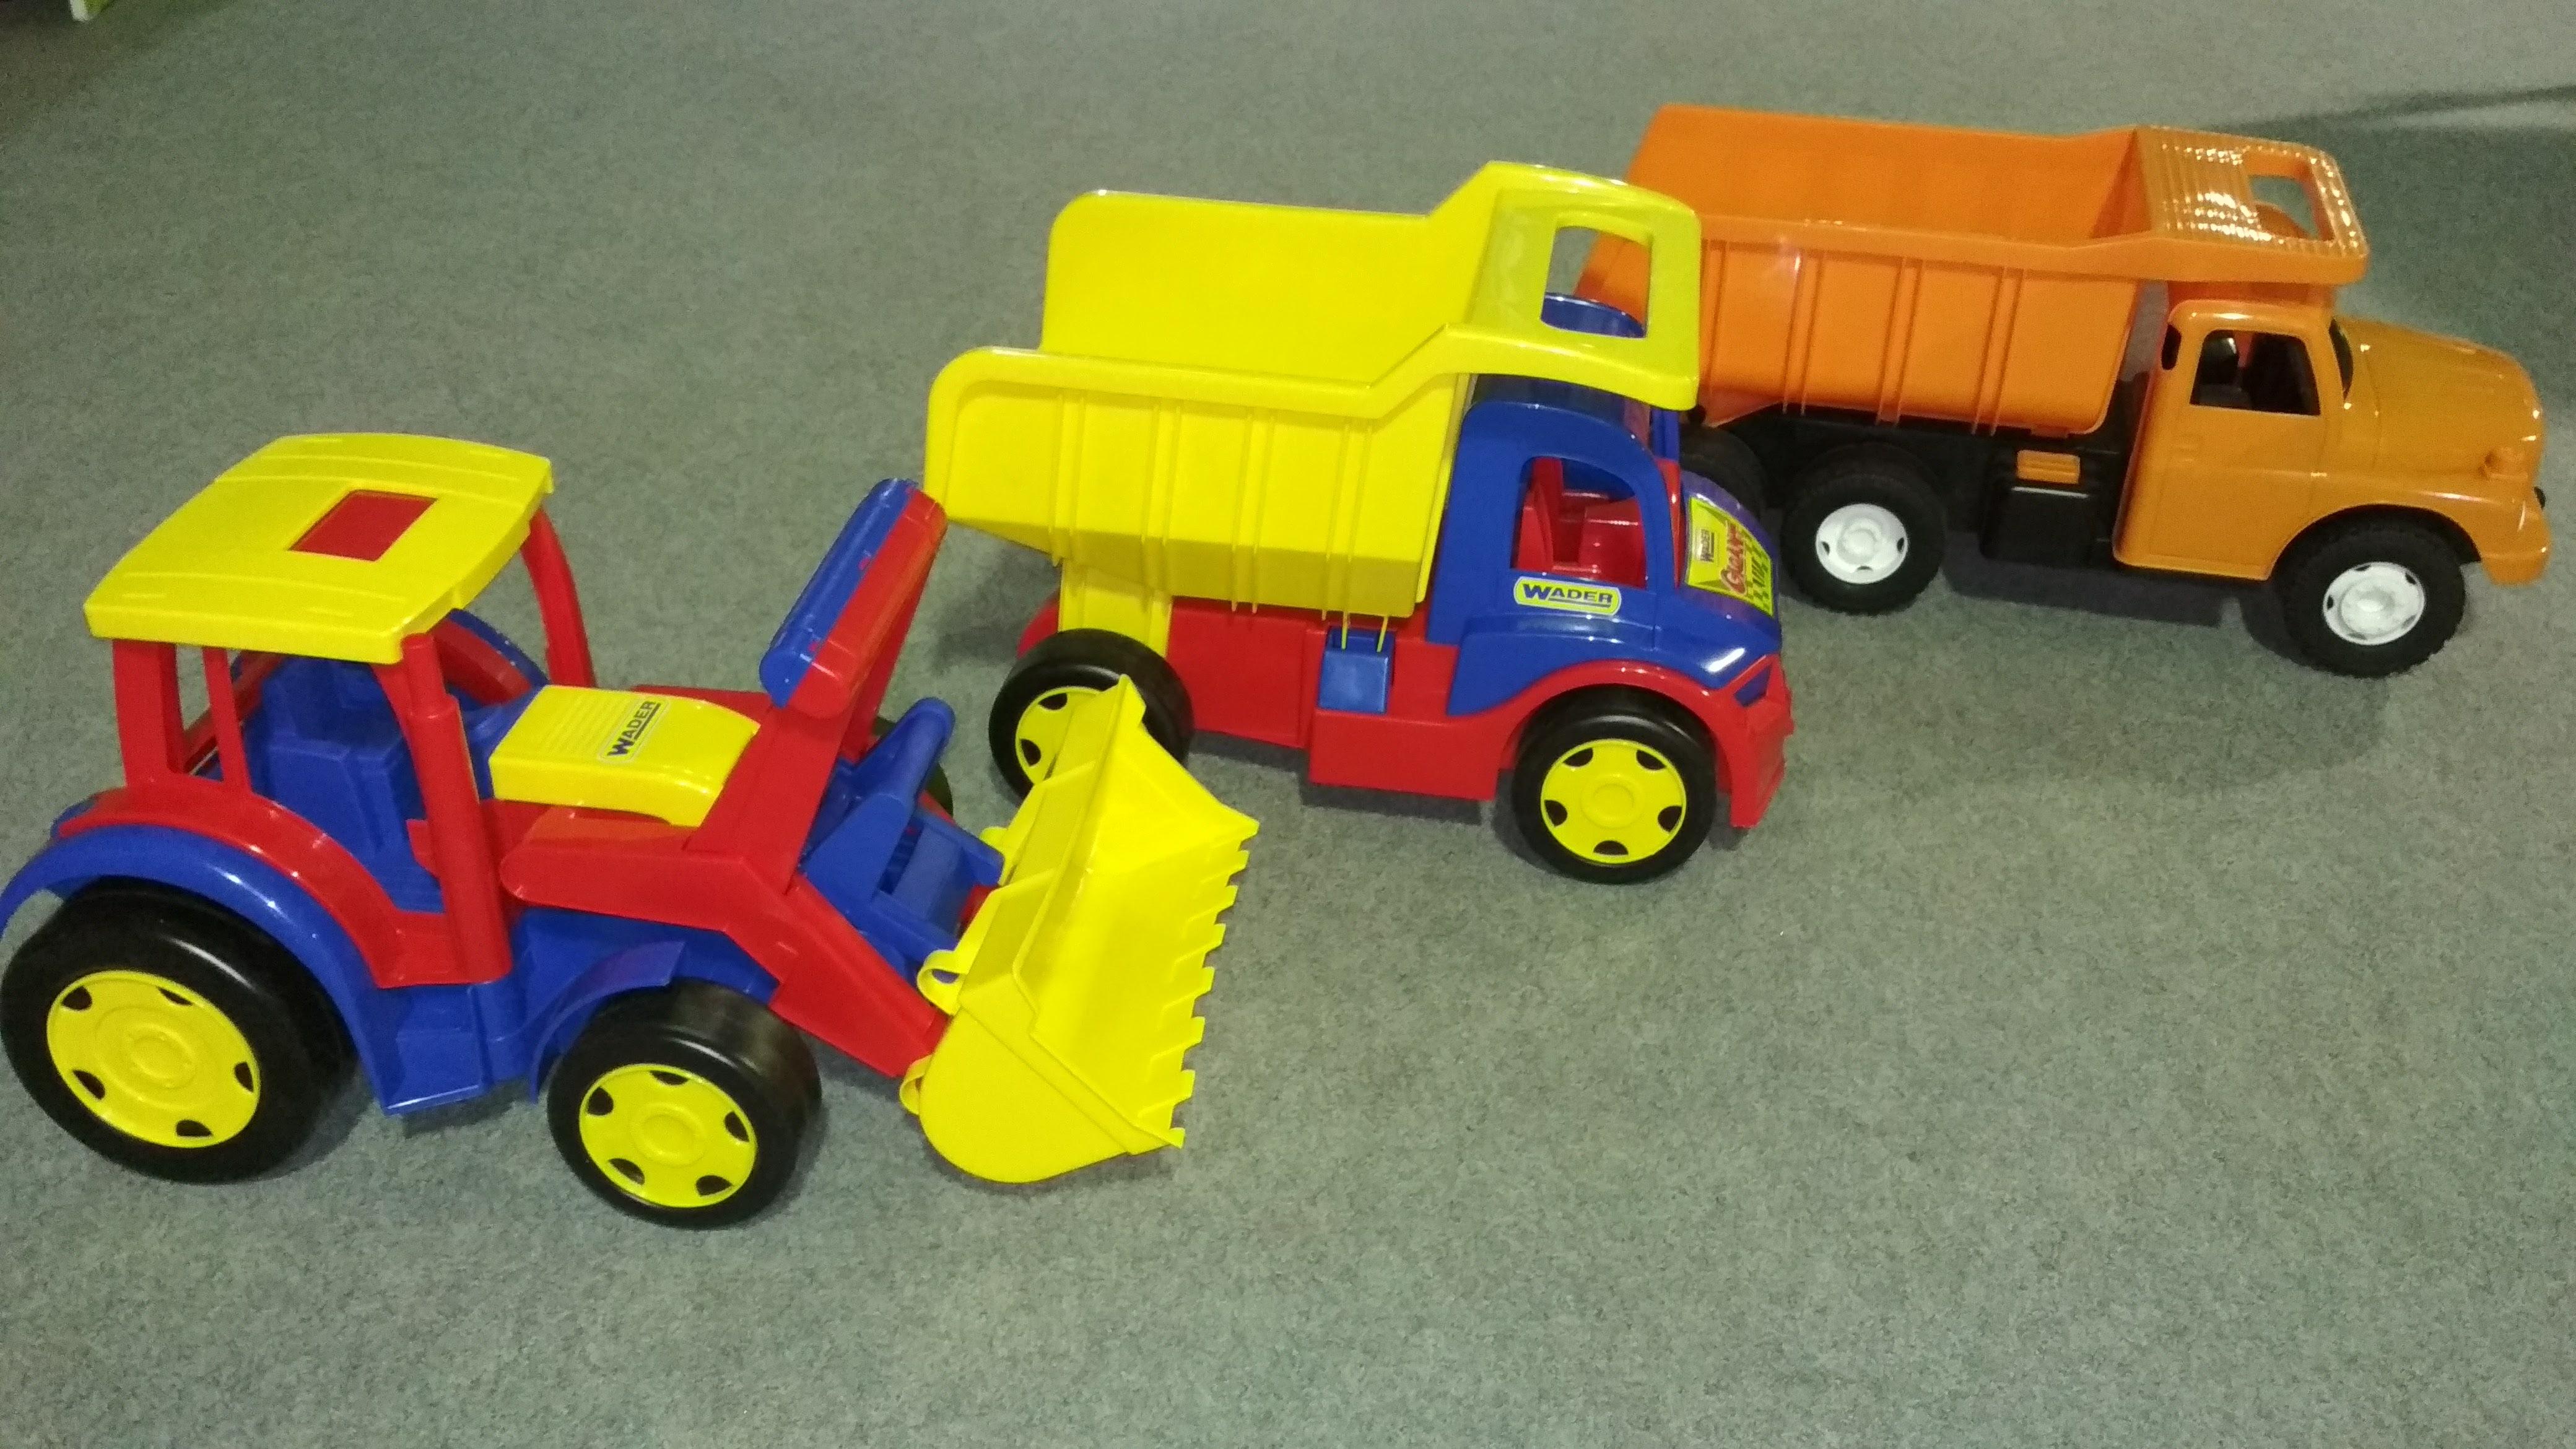 Bagr a náklaďáky pro kluky